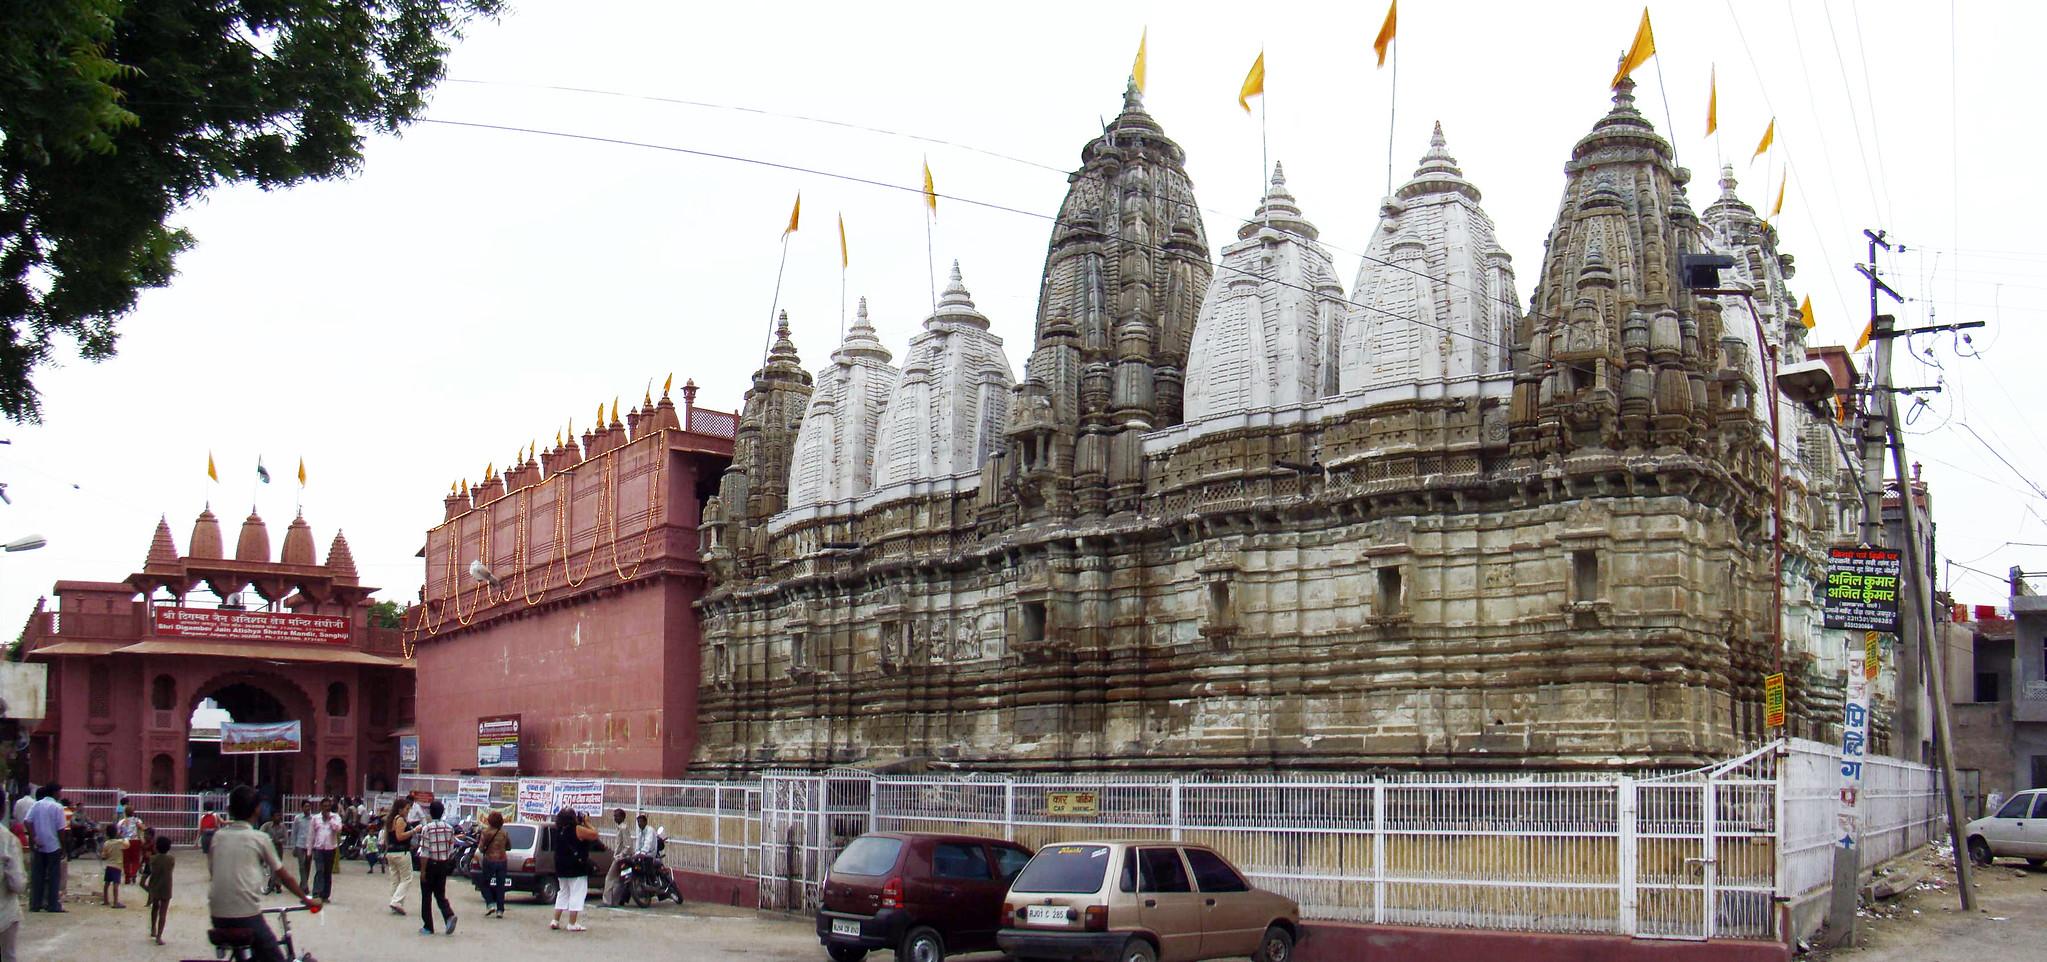 India exterior Templo de Shri Digamber Jaina Sanganer